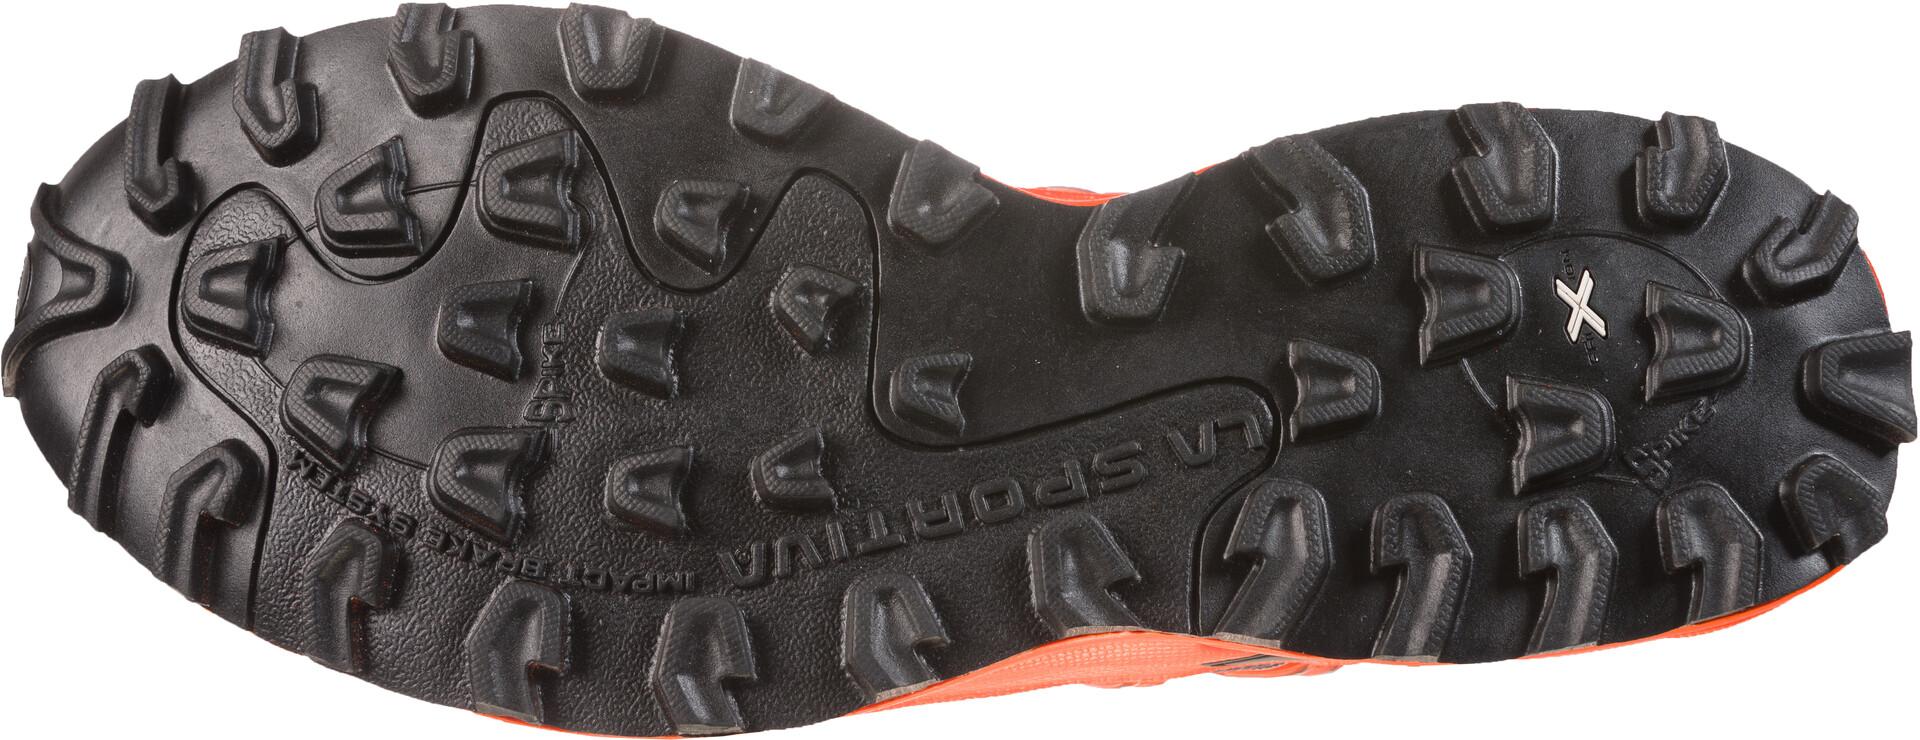 La Sportiva Mutant Tangerine Carbone Chaussures De Course trailschuhe Orange Noir